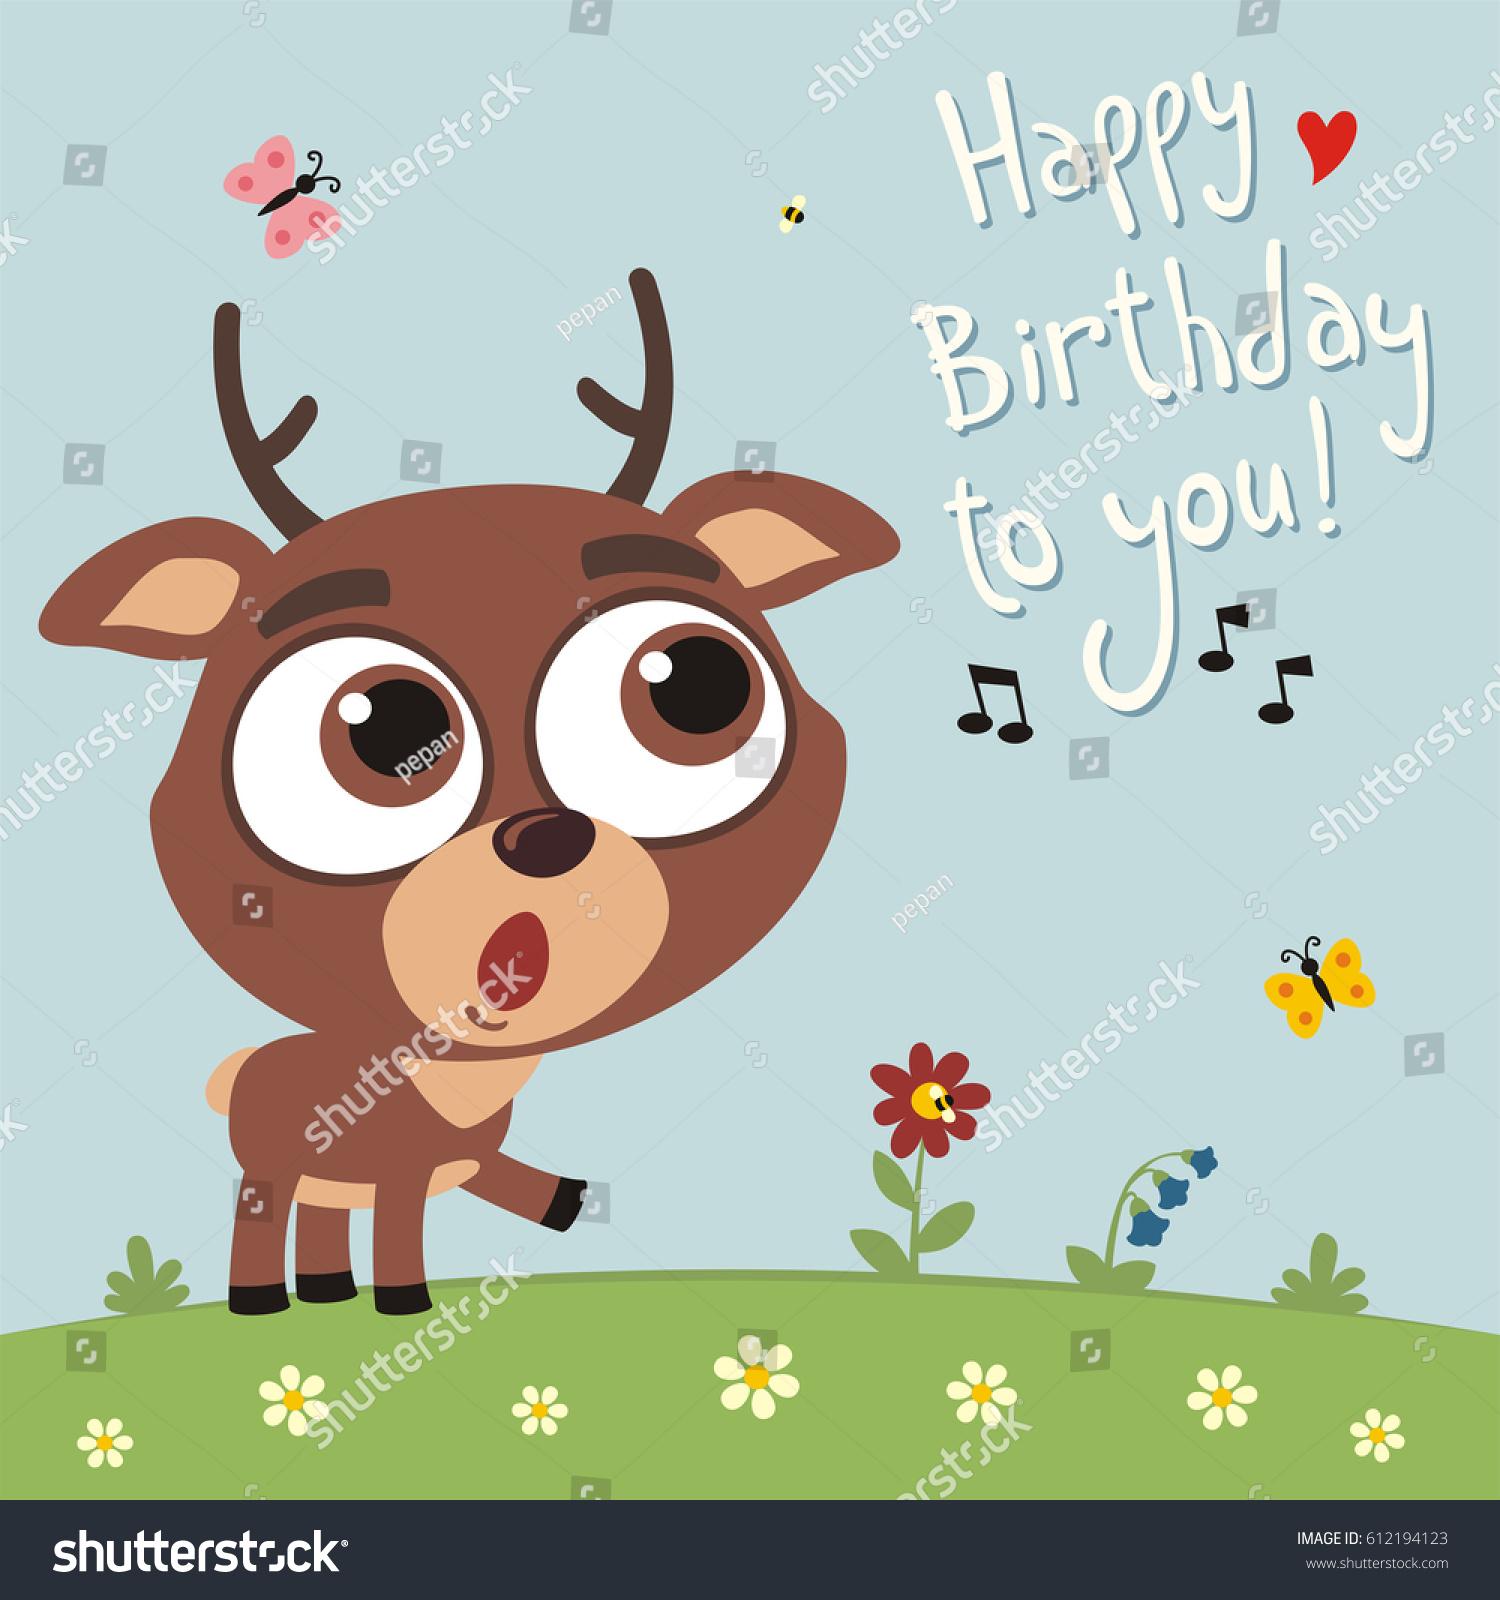 Happy Birthday You Funny Deer Sings Stock Vector